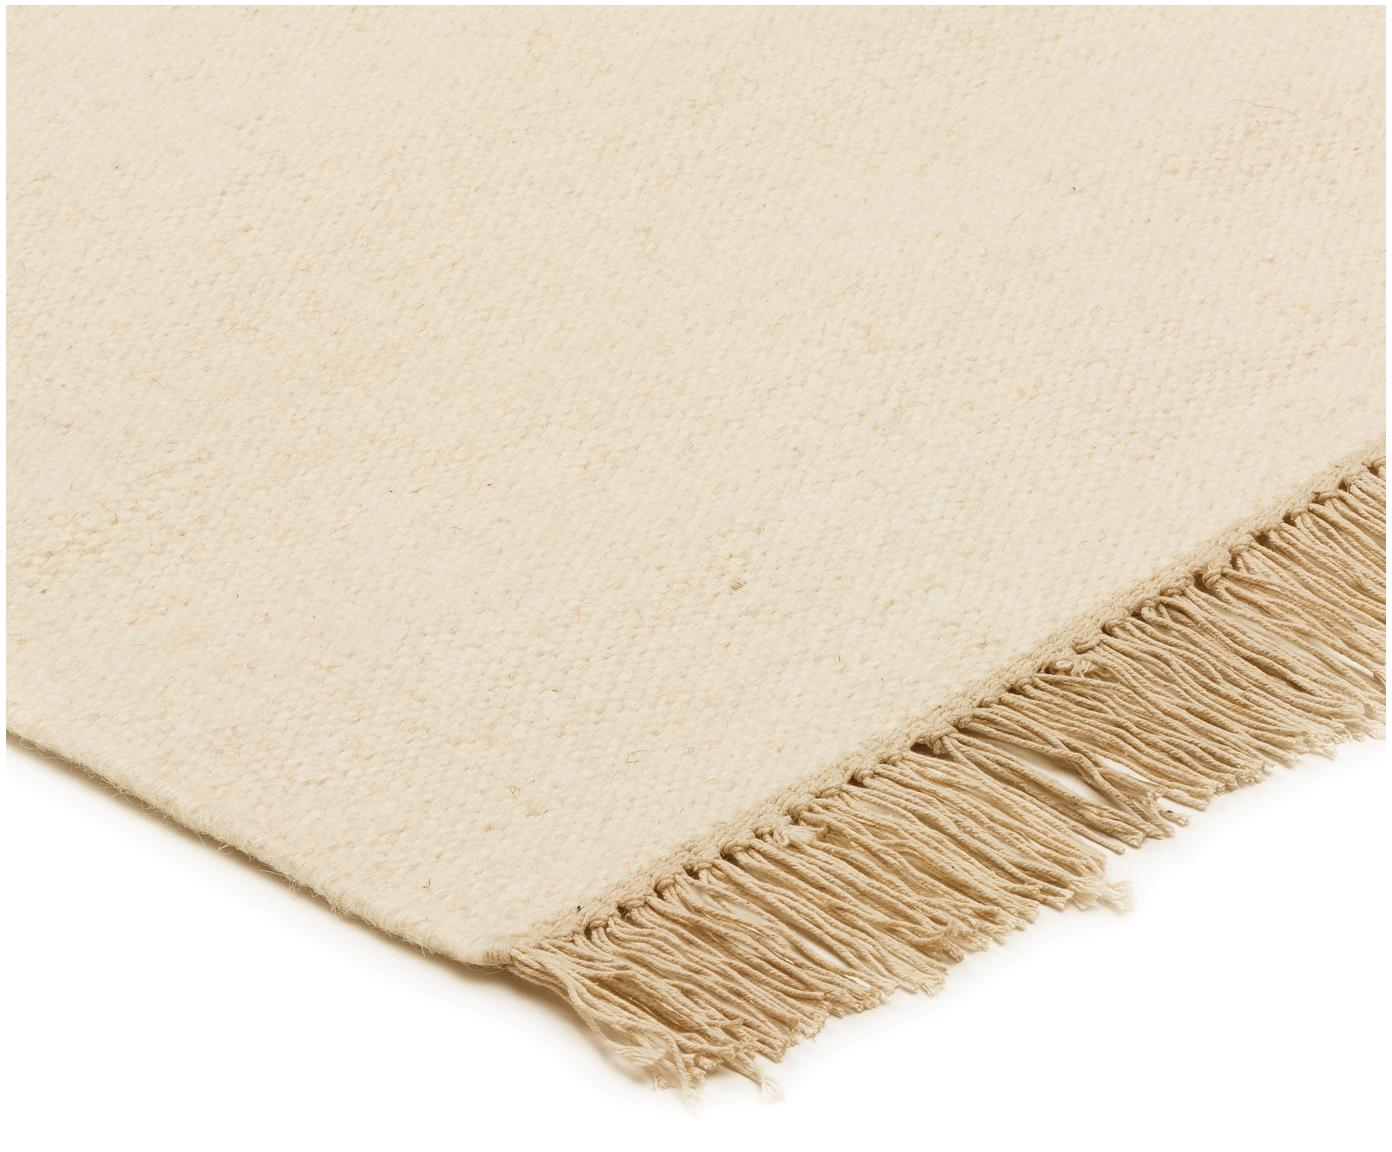 Ručně tkaný vlněný koberec střásněmi Rainbow, Přírodní bílá